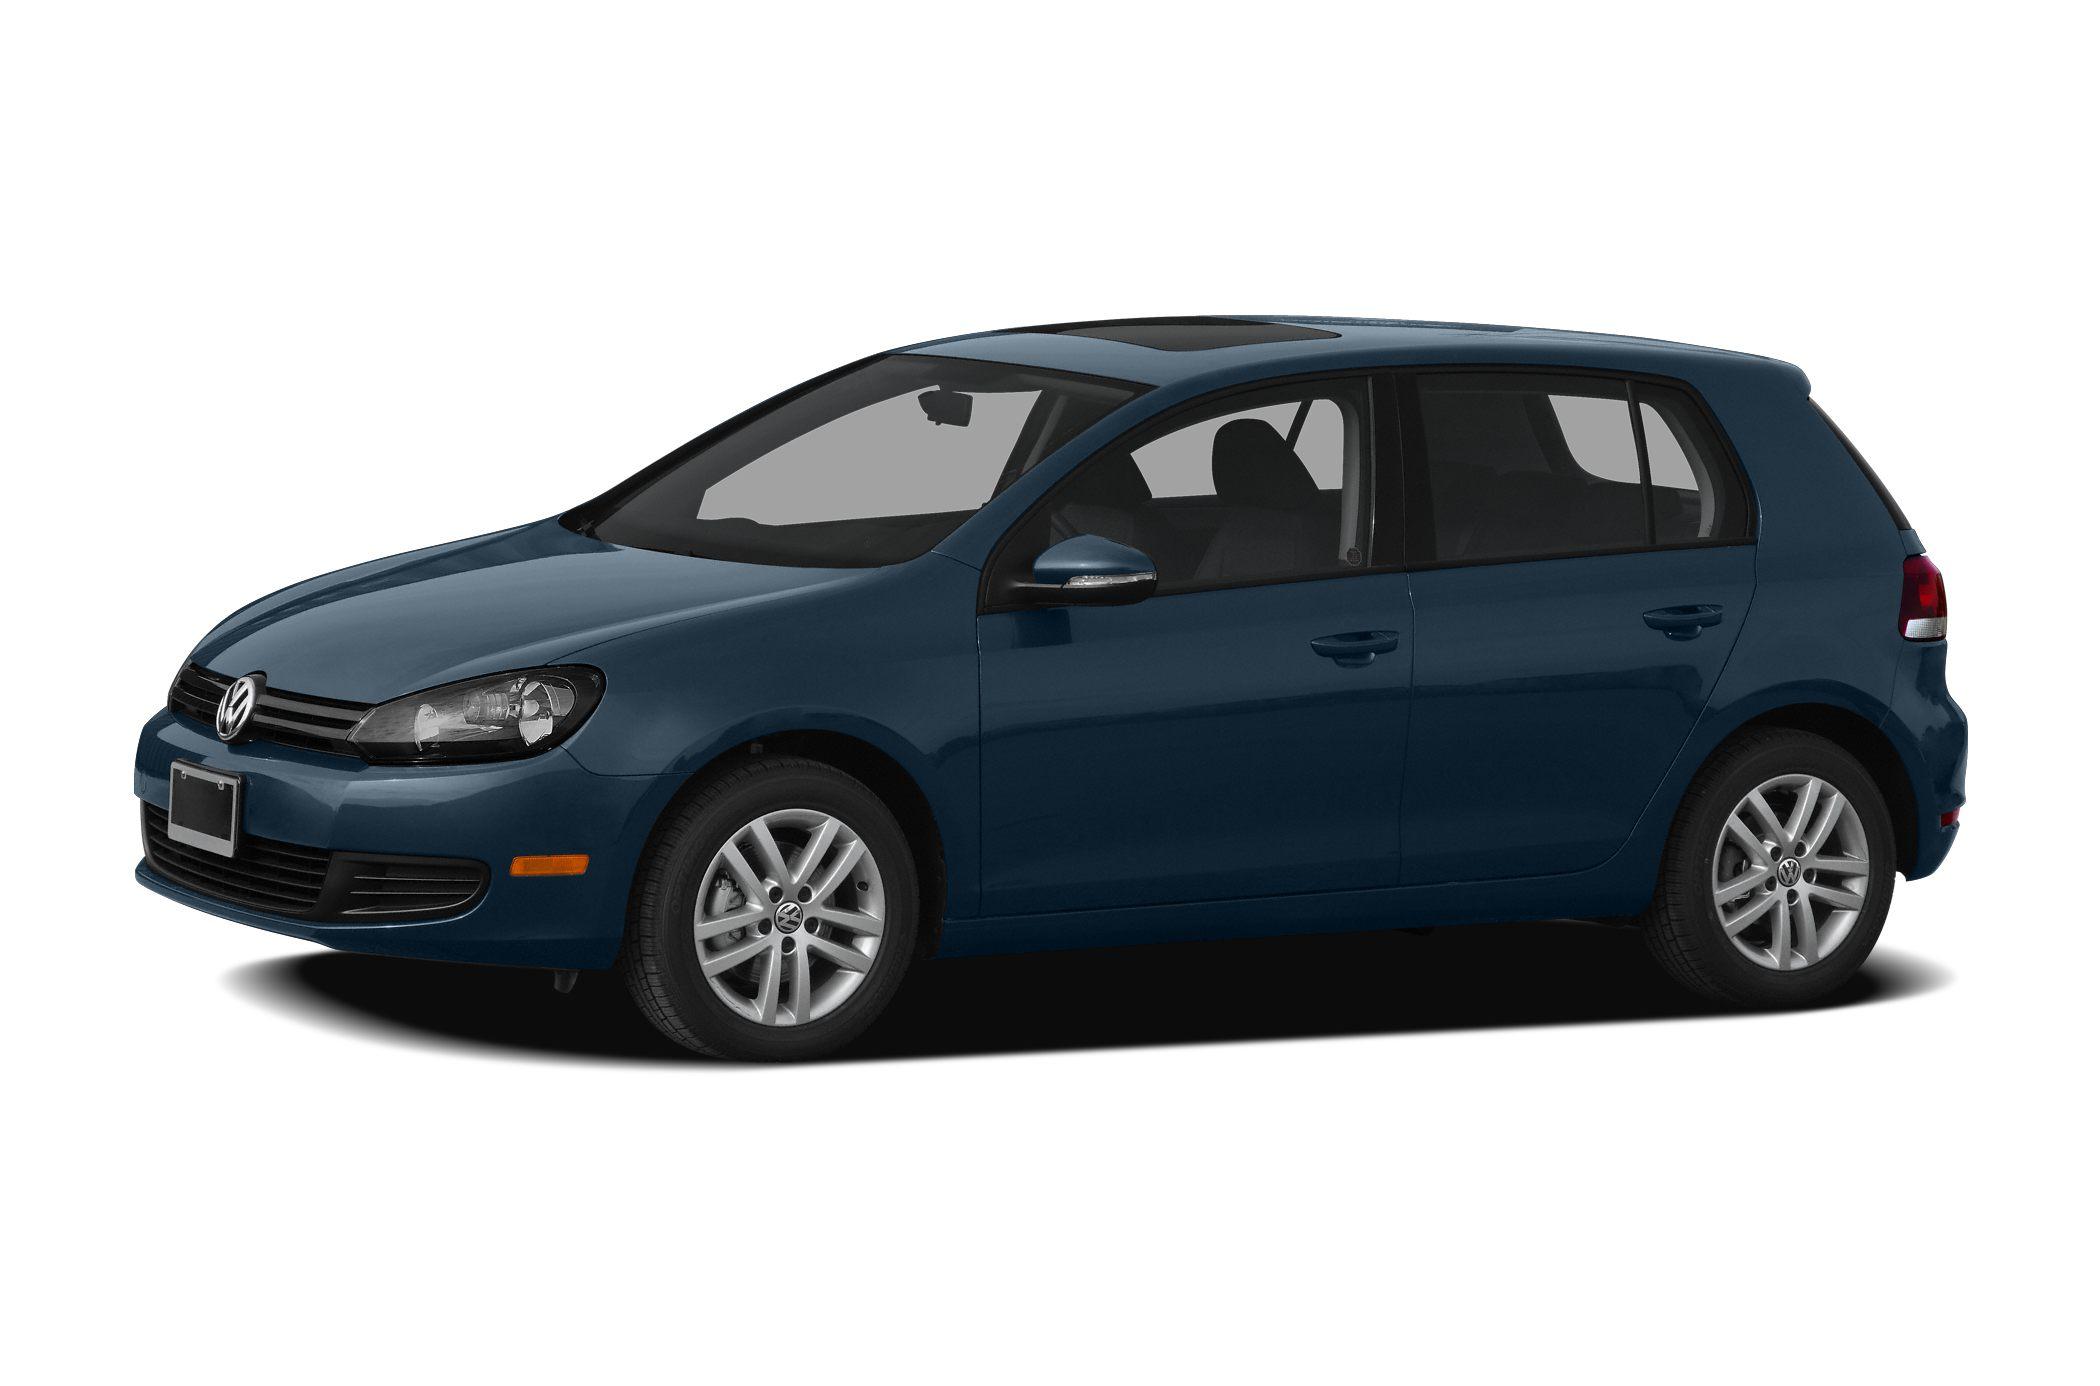 2010 Volkswagen Golf 4-Door Hatchback for sale in Laurel for $13,991 with 41,128 miles.